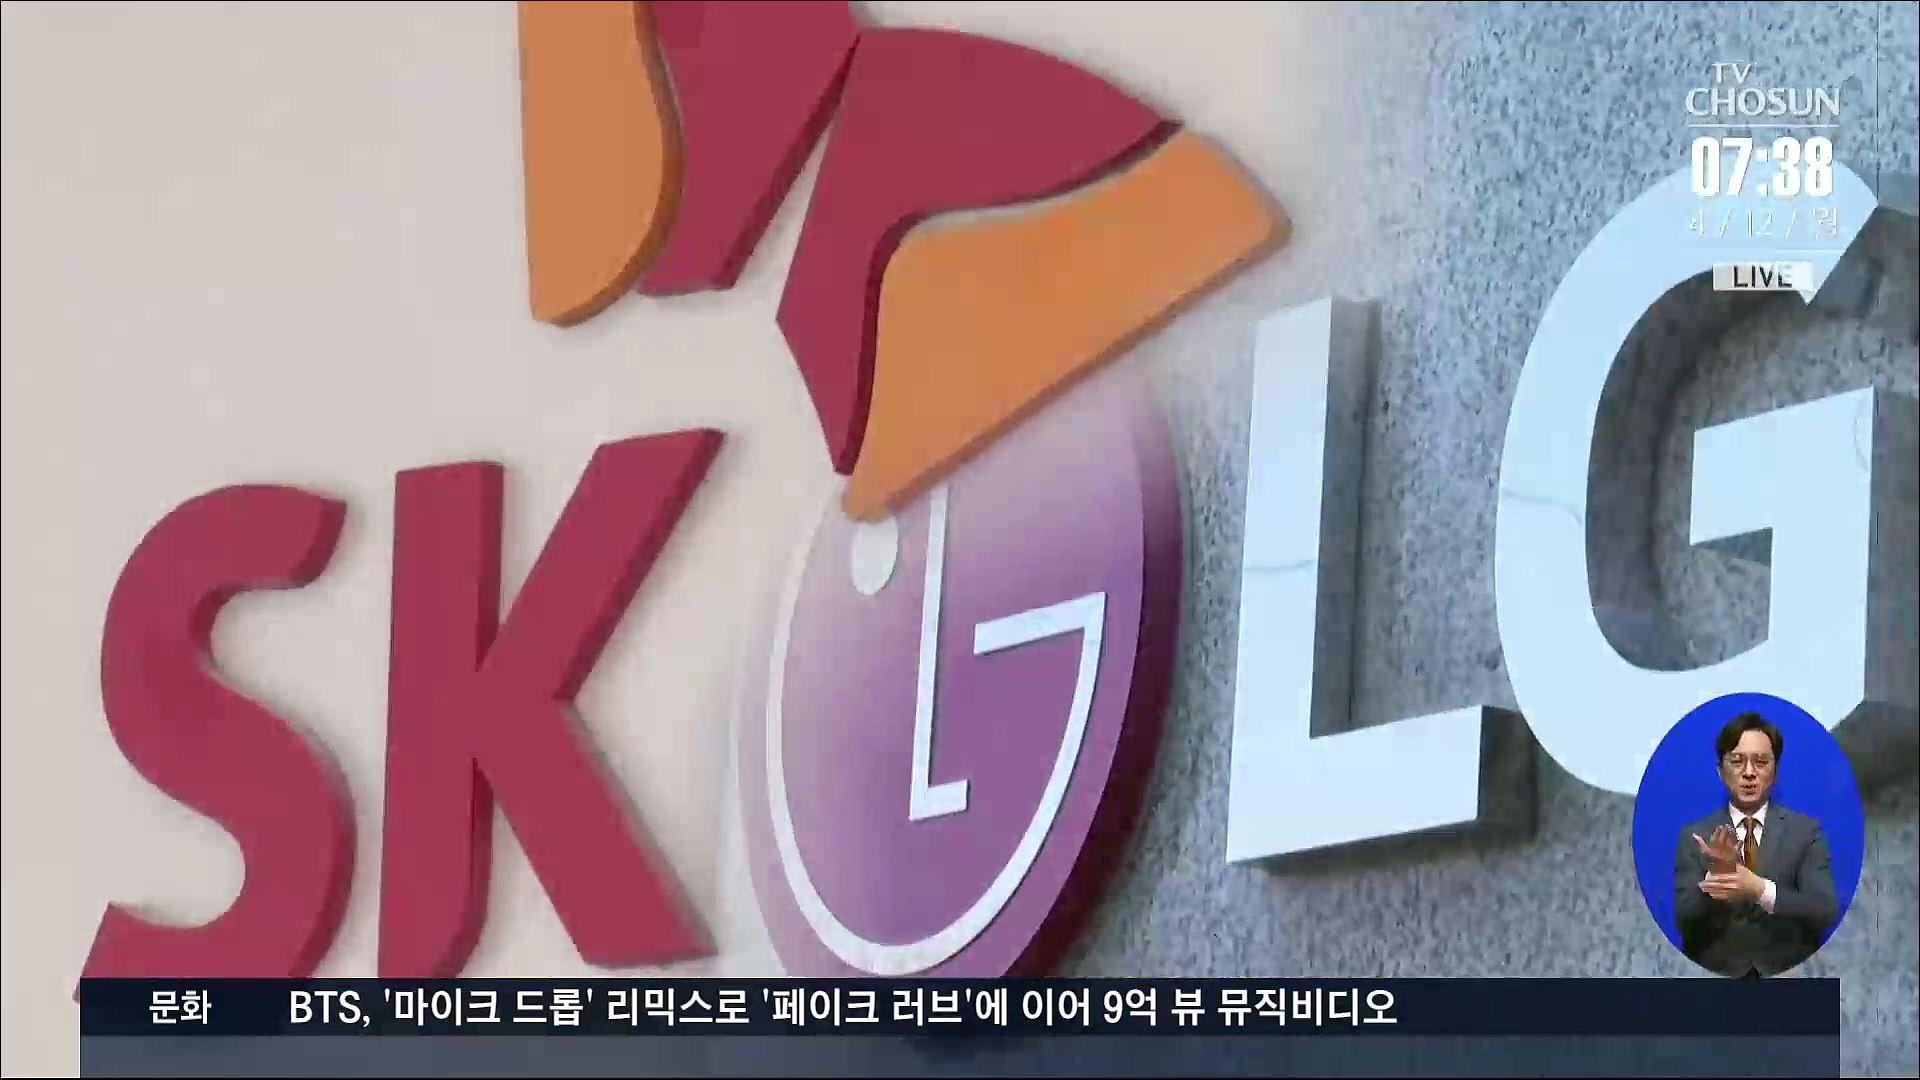 '배터리 분쟁' 전격 합의…SK가 LG에 2조원 배상금 지급